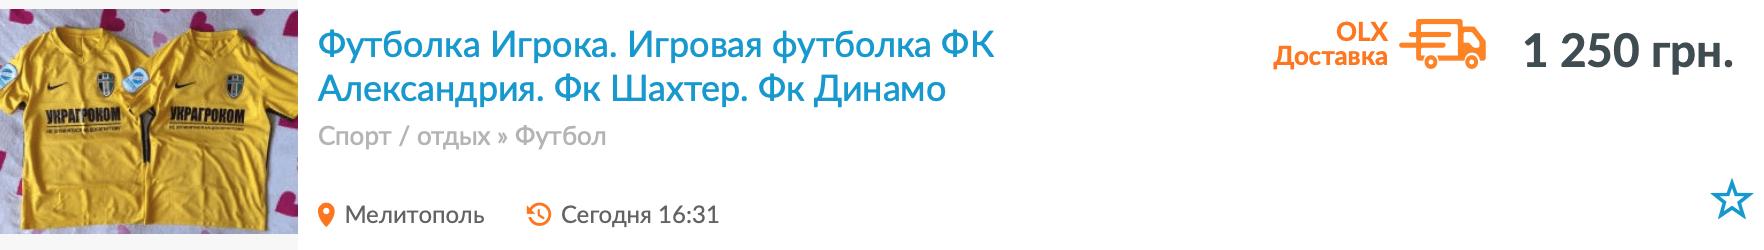 Вот это болельщики: онлайн можно купить футболки Шевченко, Ярмоленко и многих других (Фото) - изображение 9